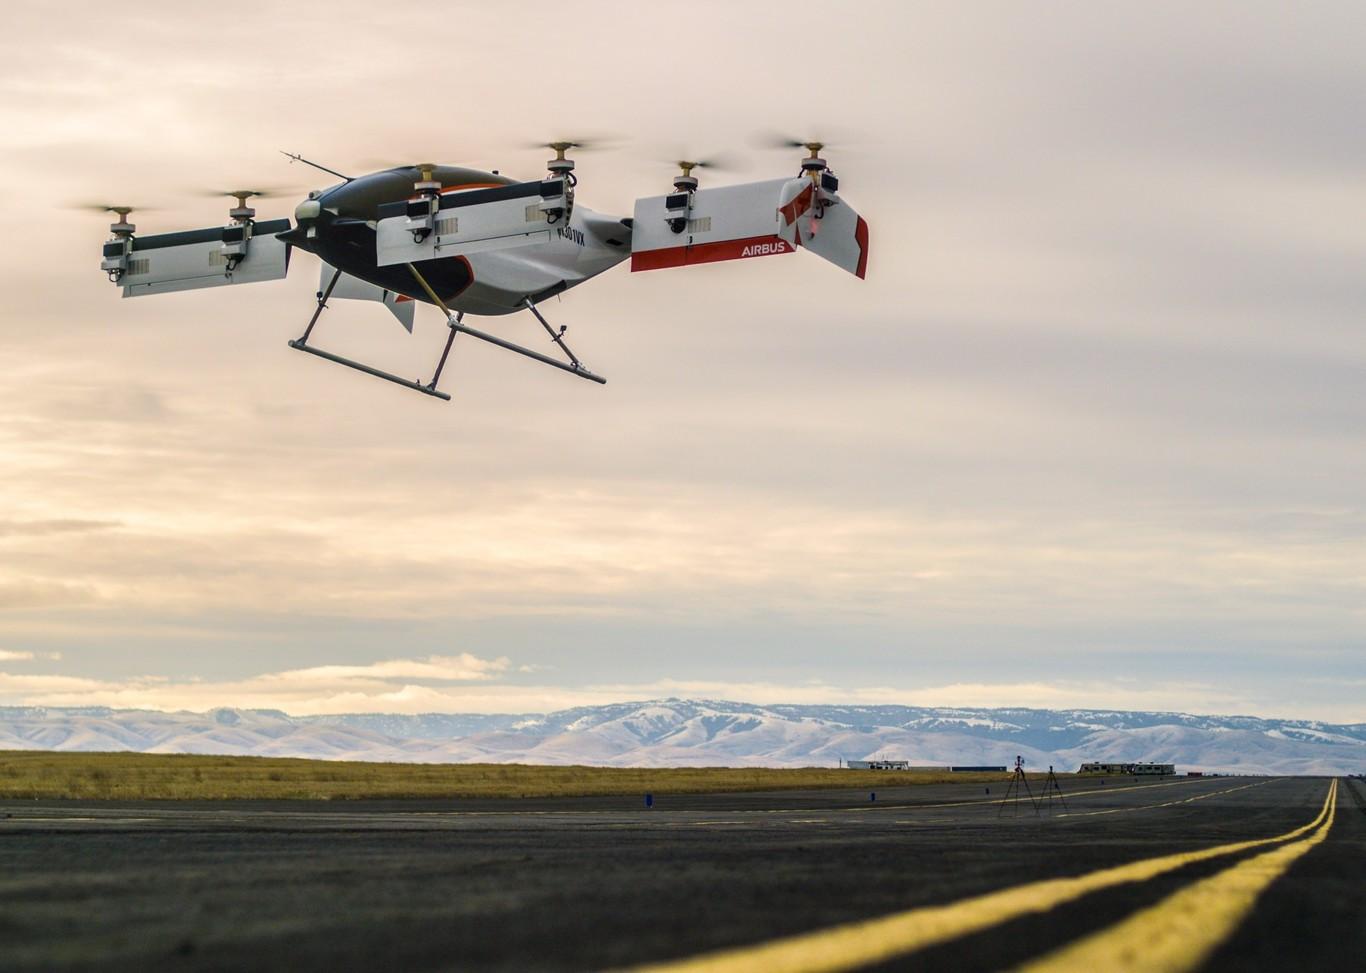 El VTOL de Airbus ya vuela a más de 90 km/h y lo podemos ver en vídeo despegando y aterrizando en vertical